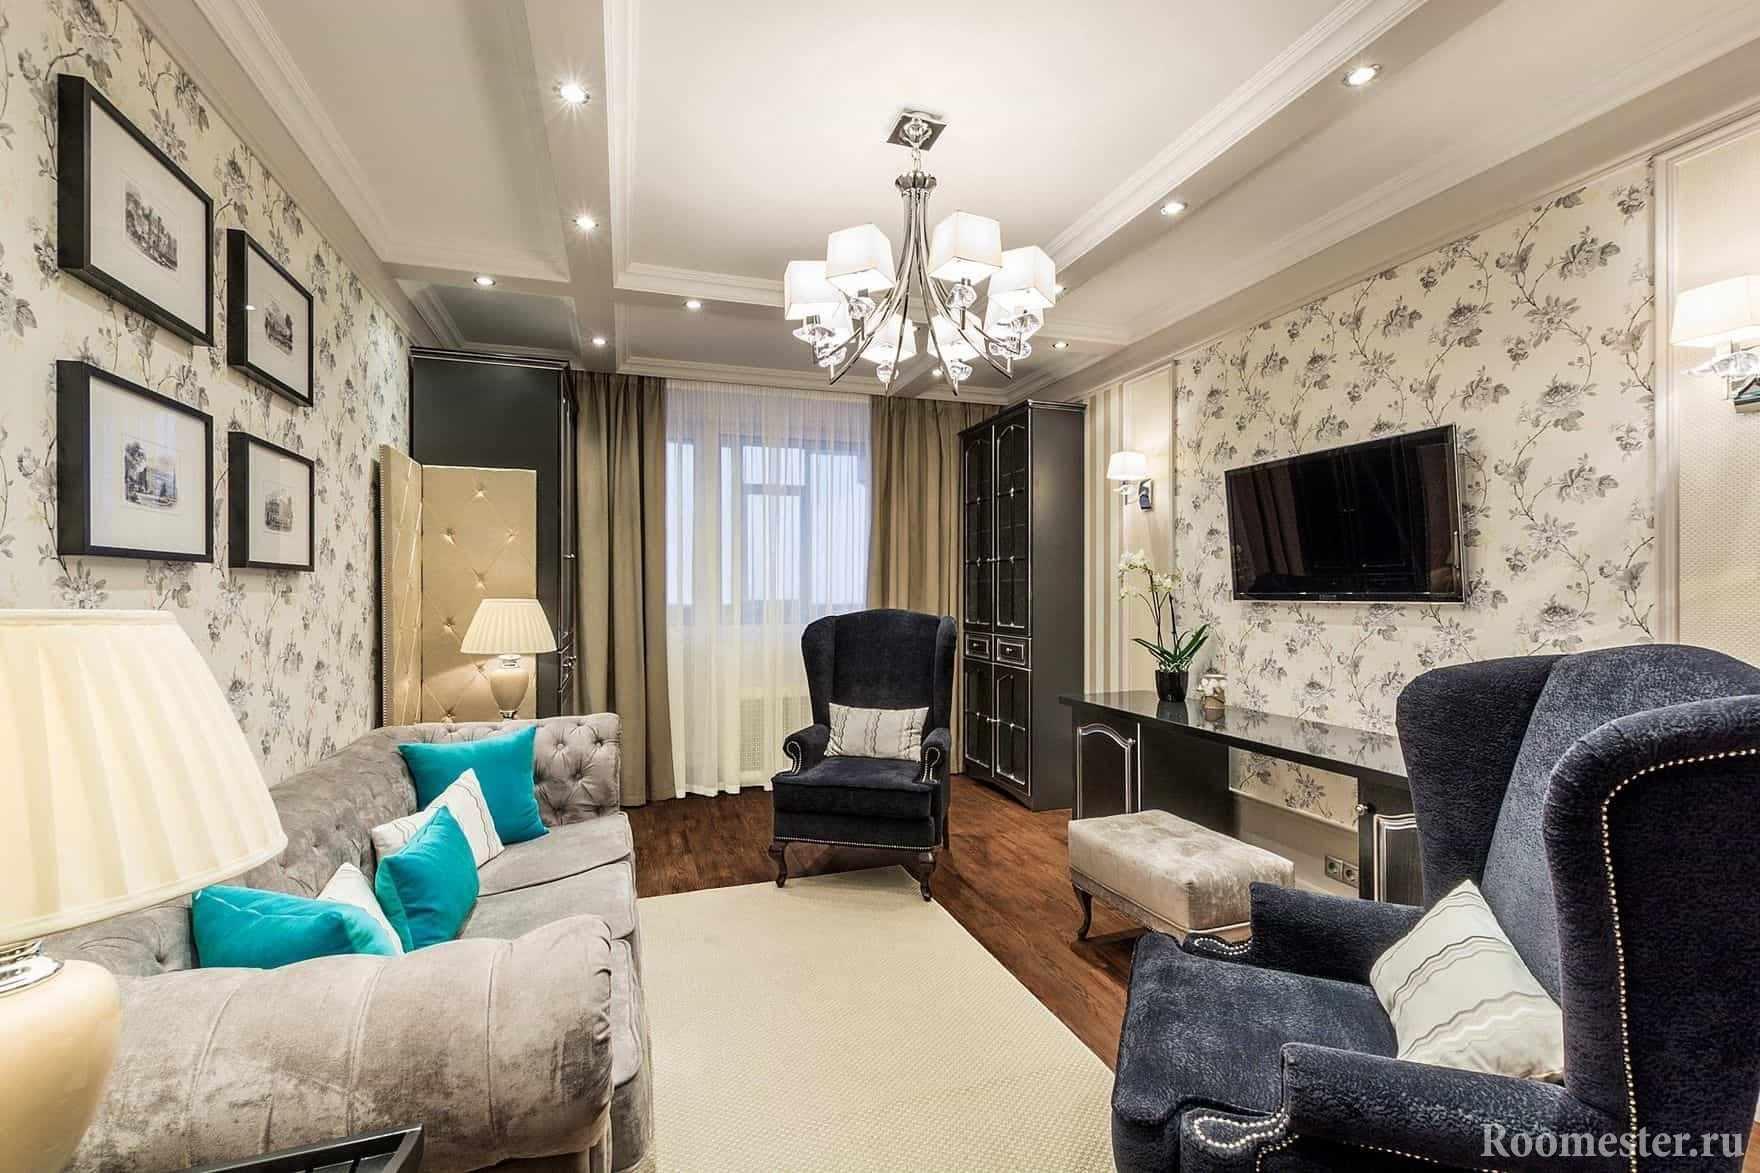 Дорогой дизайн интерьера гостиной